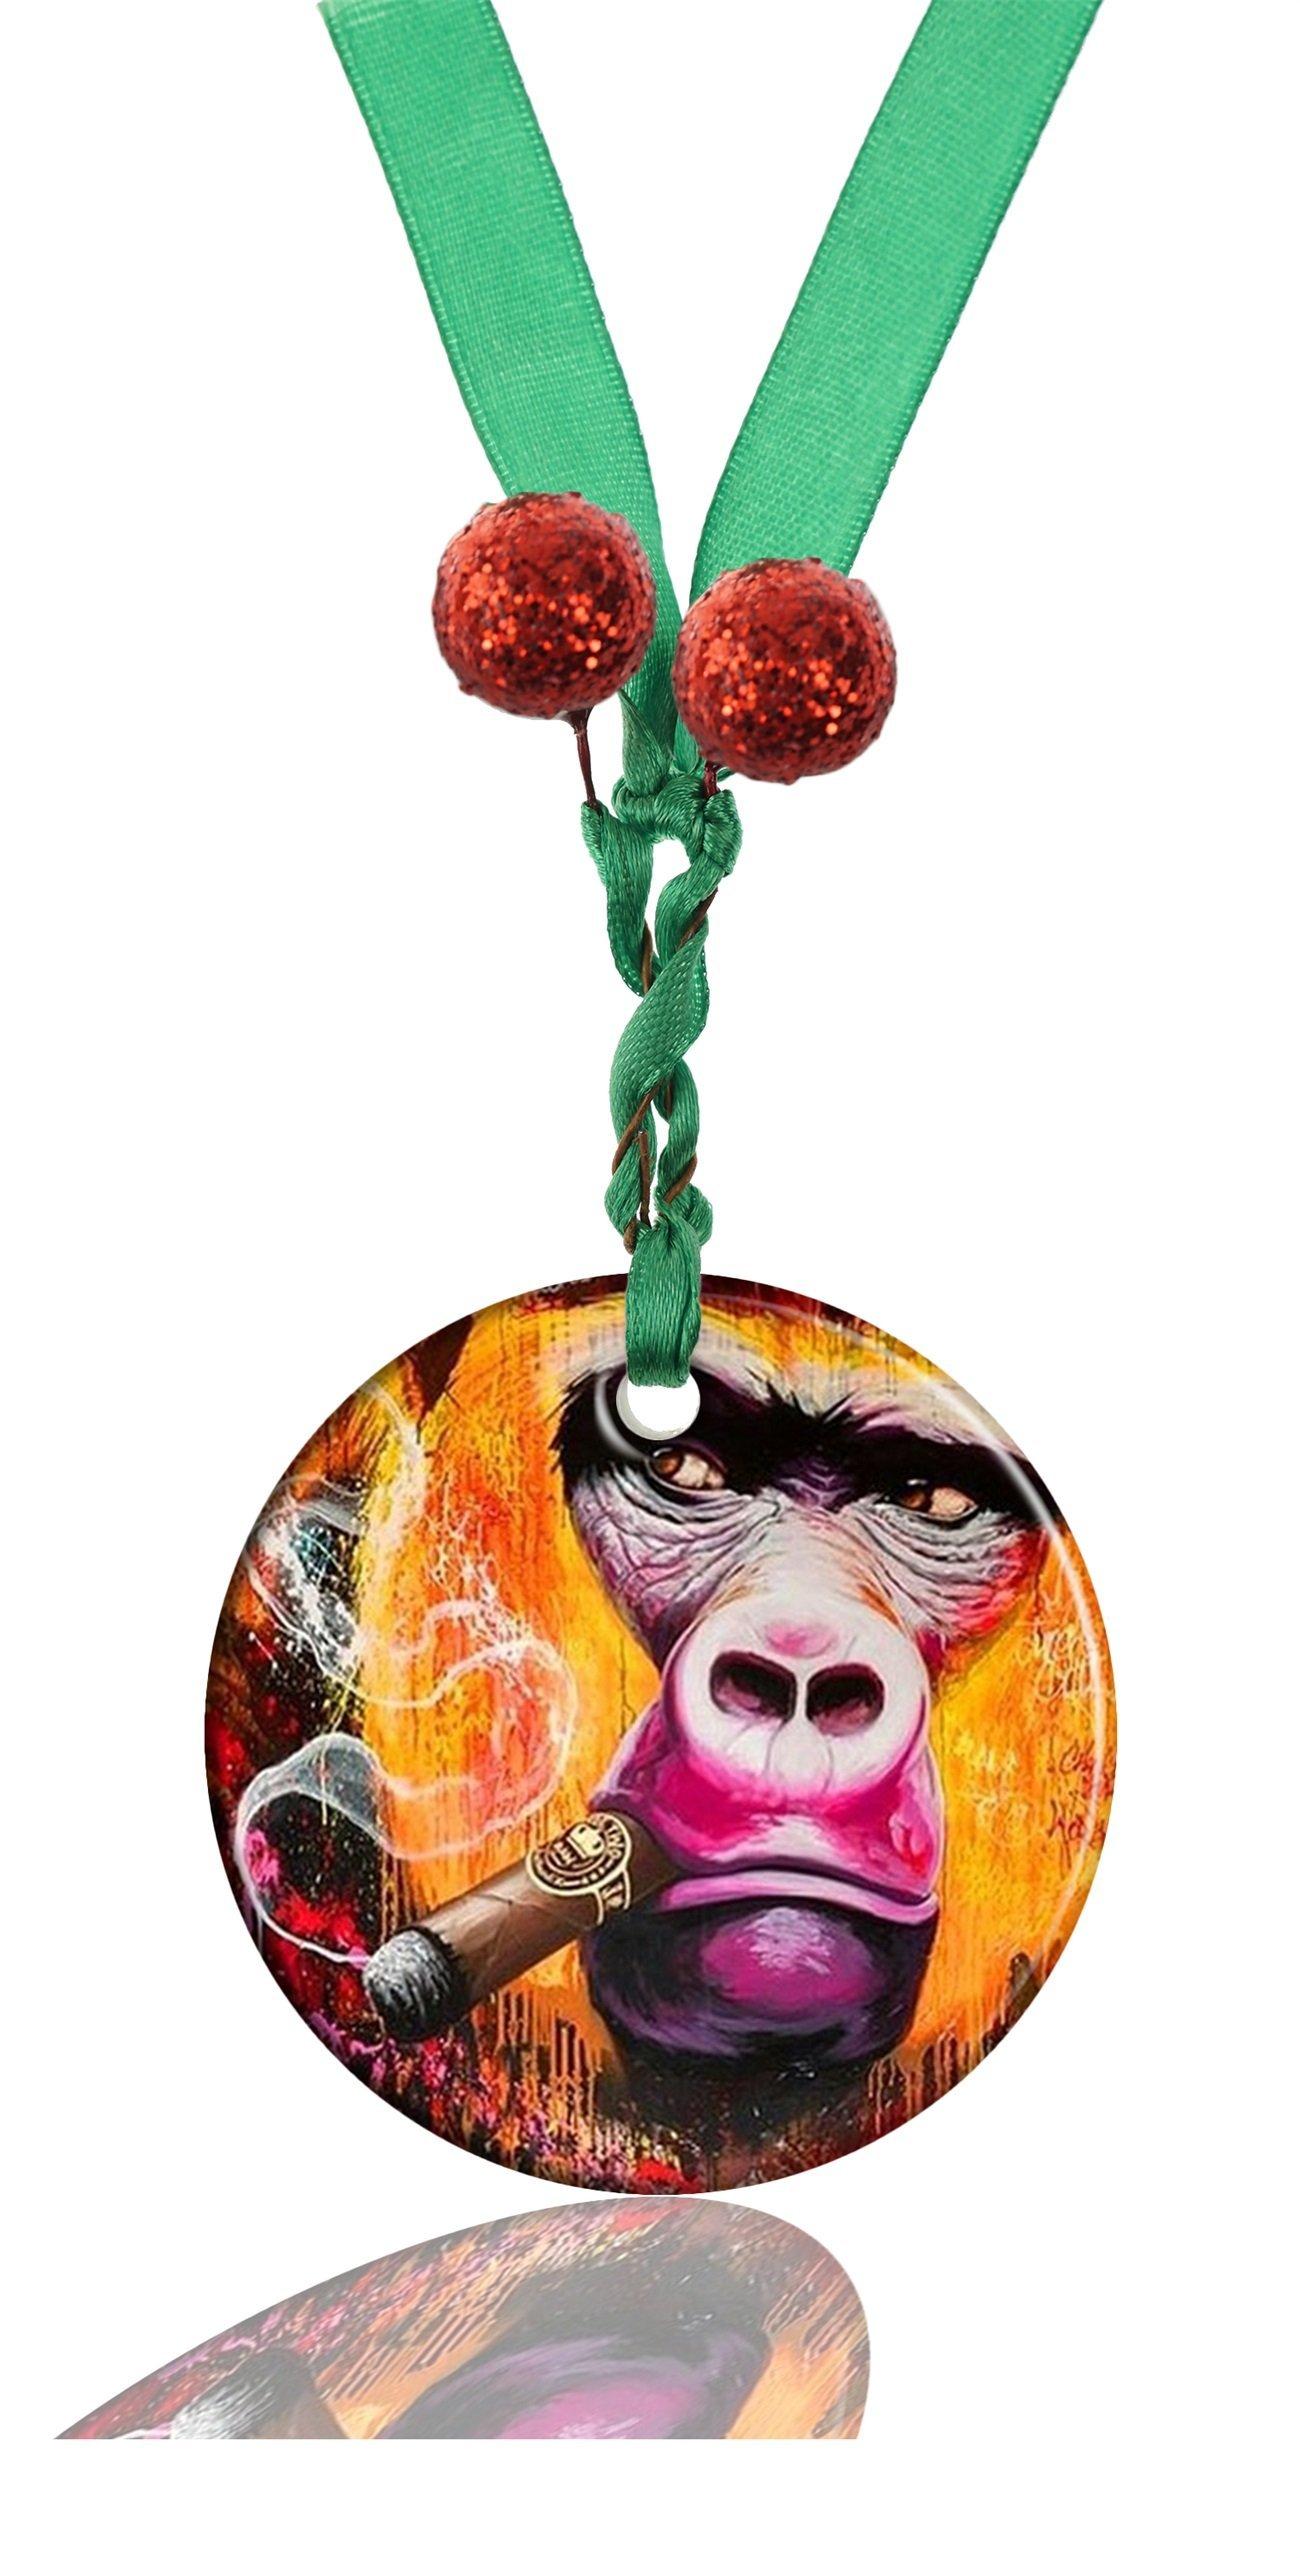 RUNDO Animal Monkey Custom Personalized New Ceramic Porcelain Hanging Round Christmas Ornaments